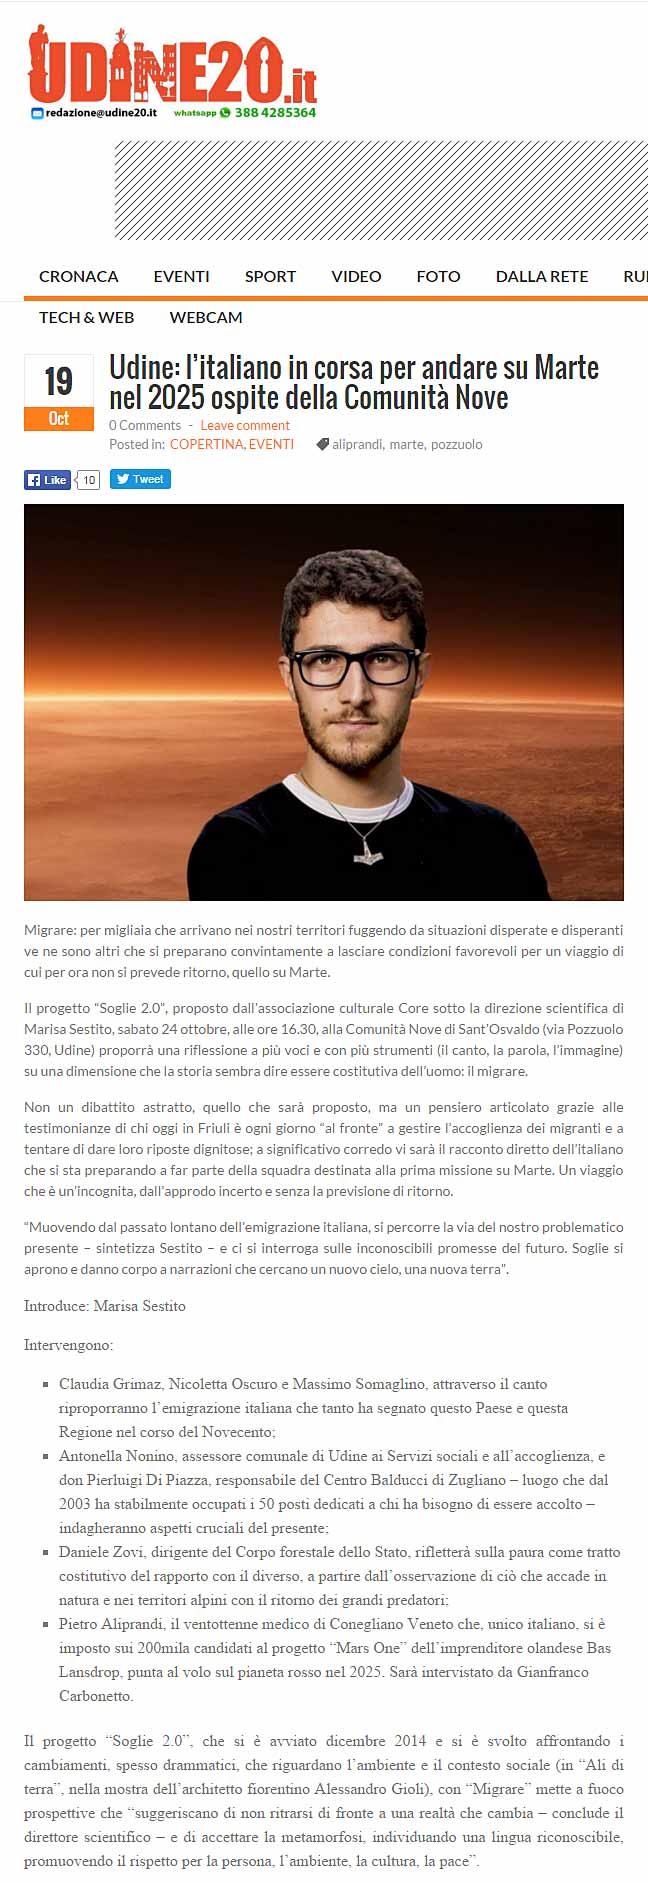 Udine20: Italiano in corsa per andare su Marte